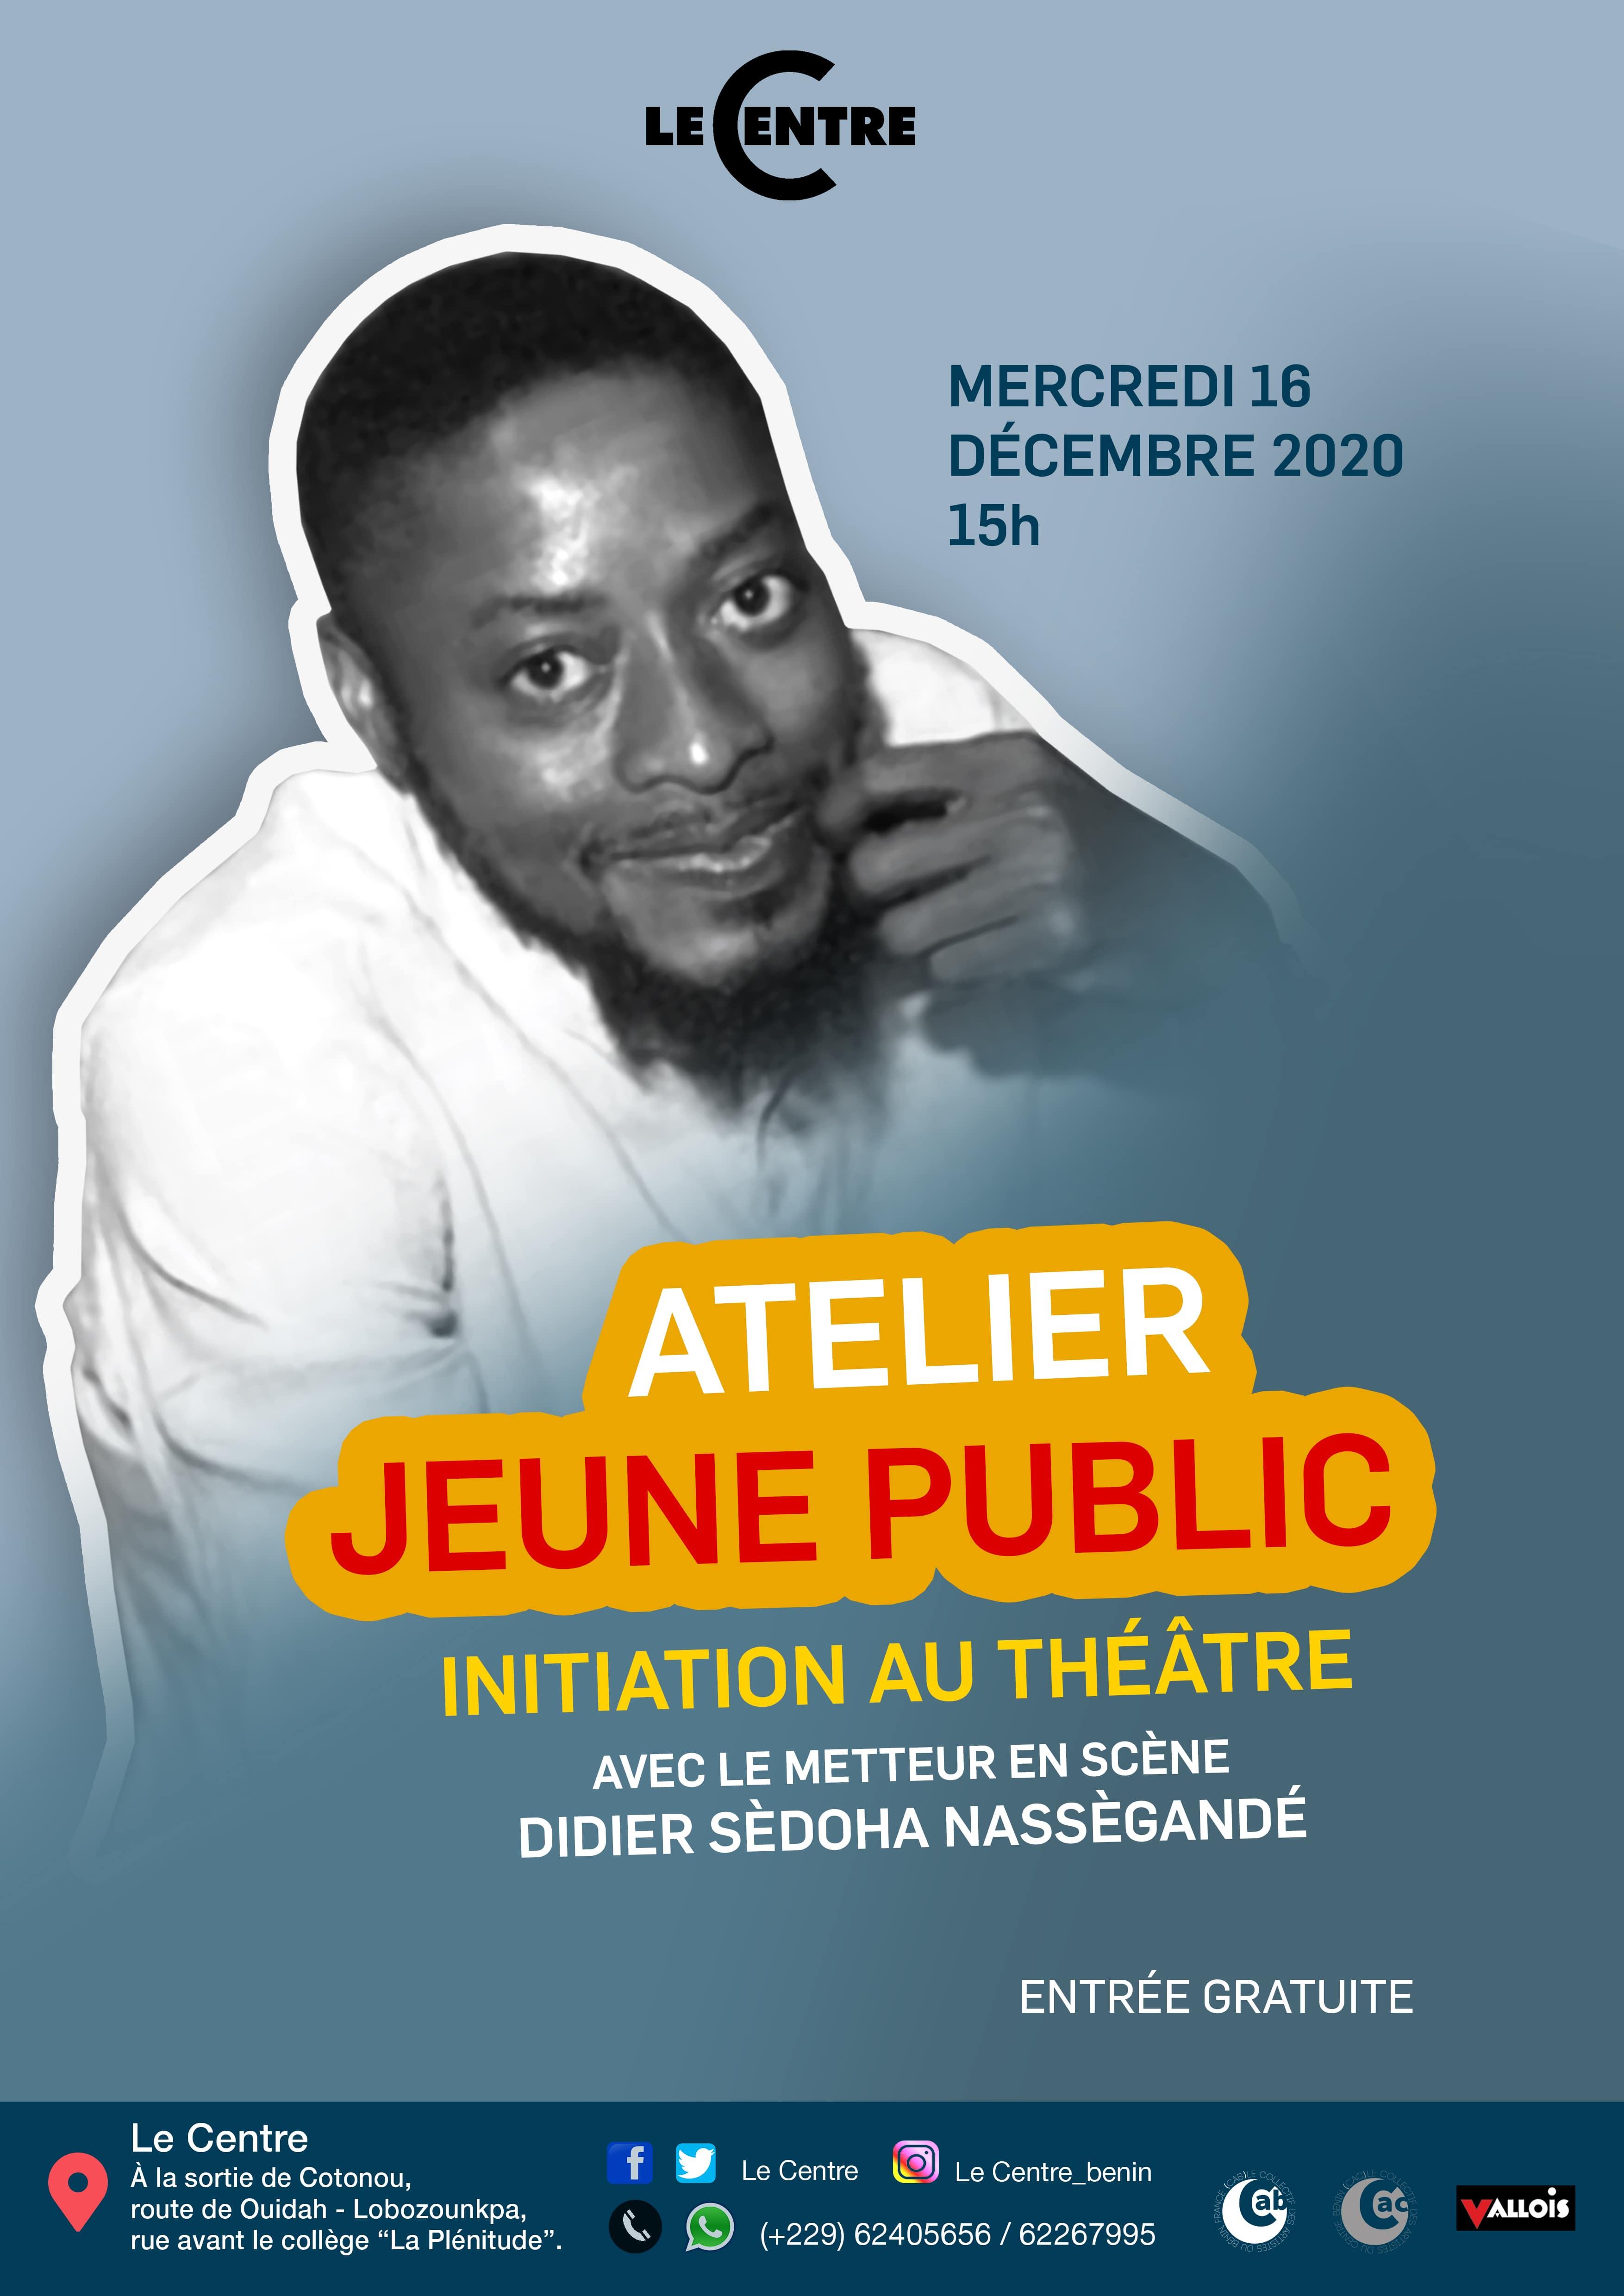 Initiation au théâtre, Didier Sèdoha Nassègandé